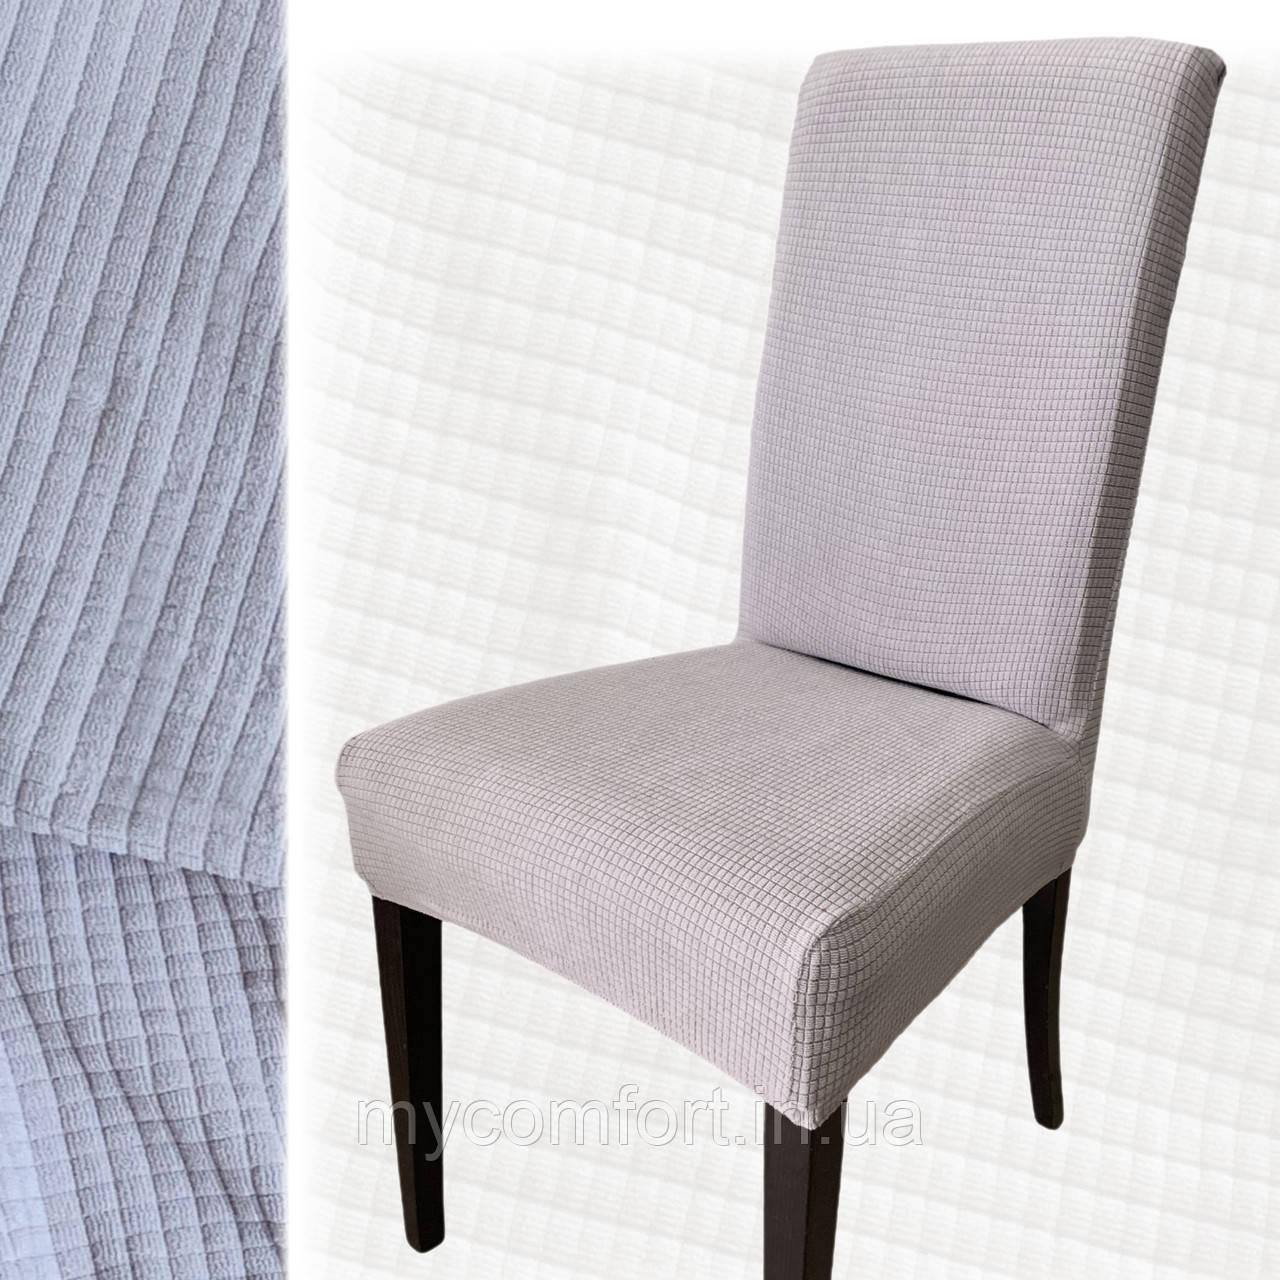 Чехол на стул. KARE Турция. Серый (Светлый)  (Универсальные чехлы на стулья, любой формы)